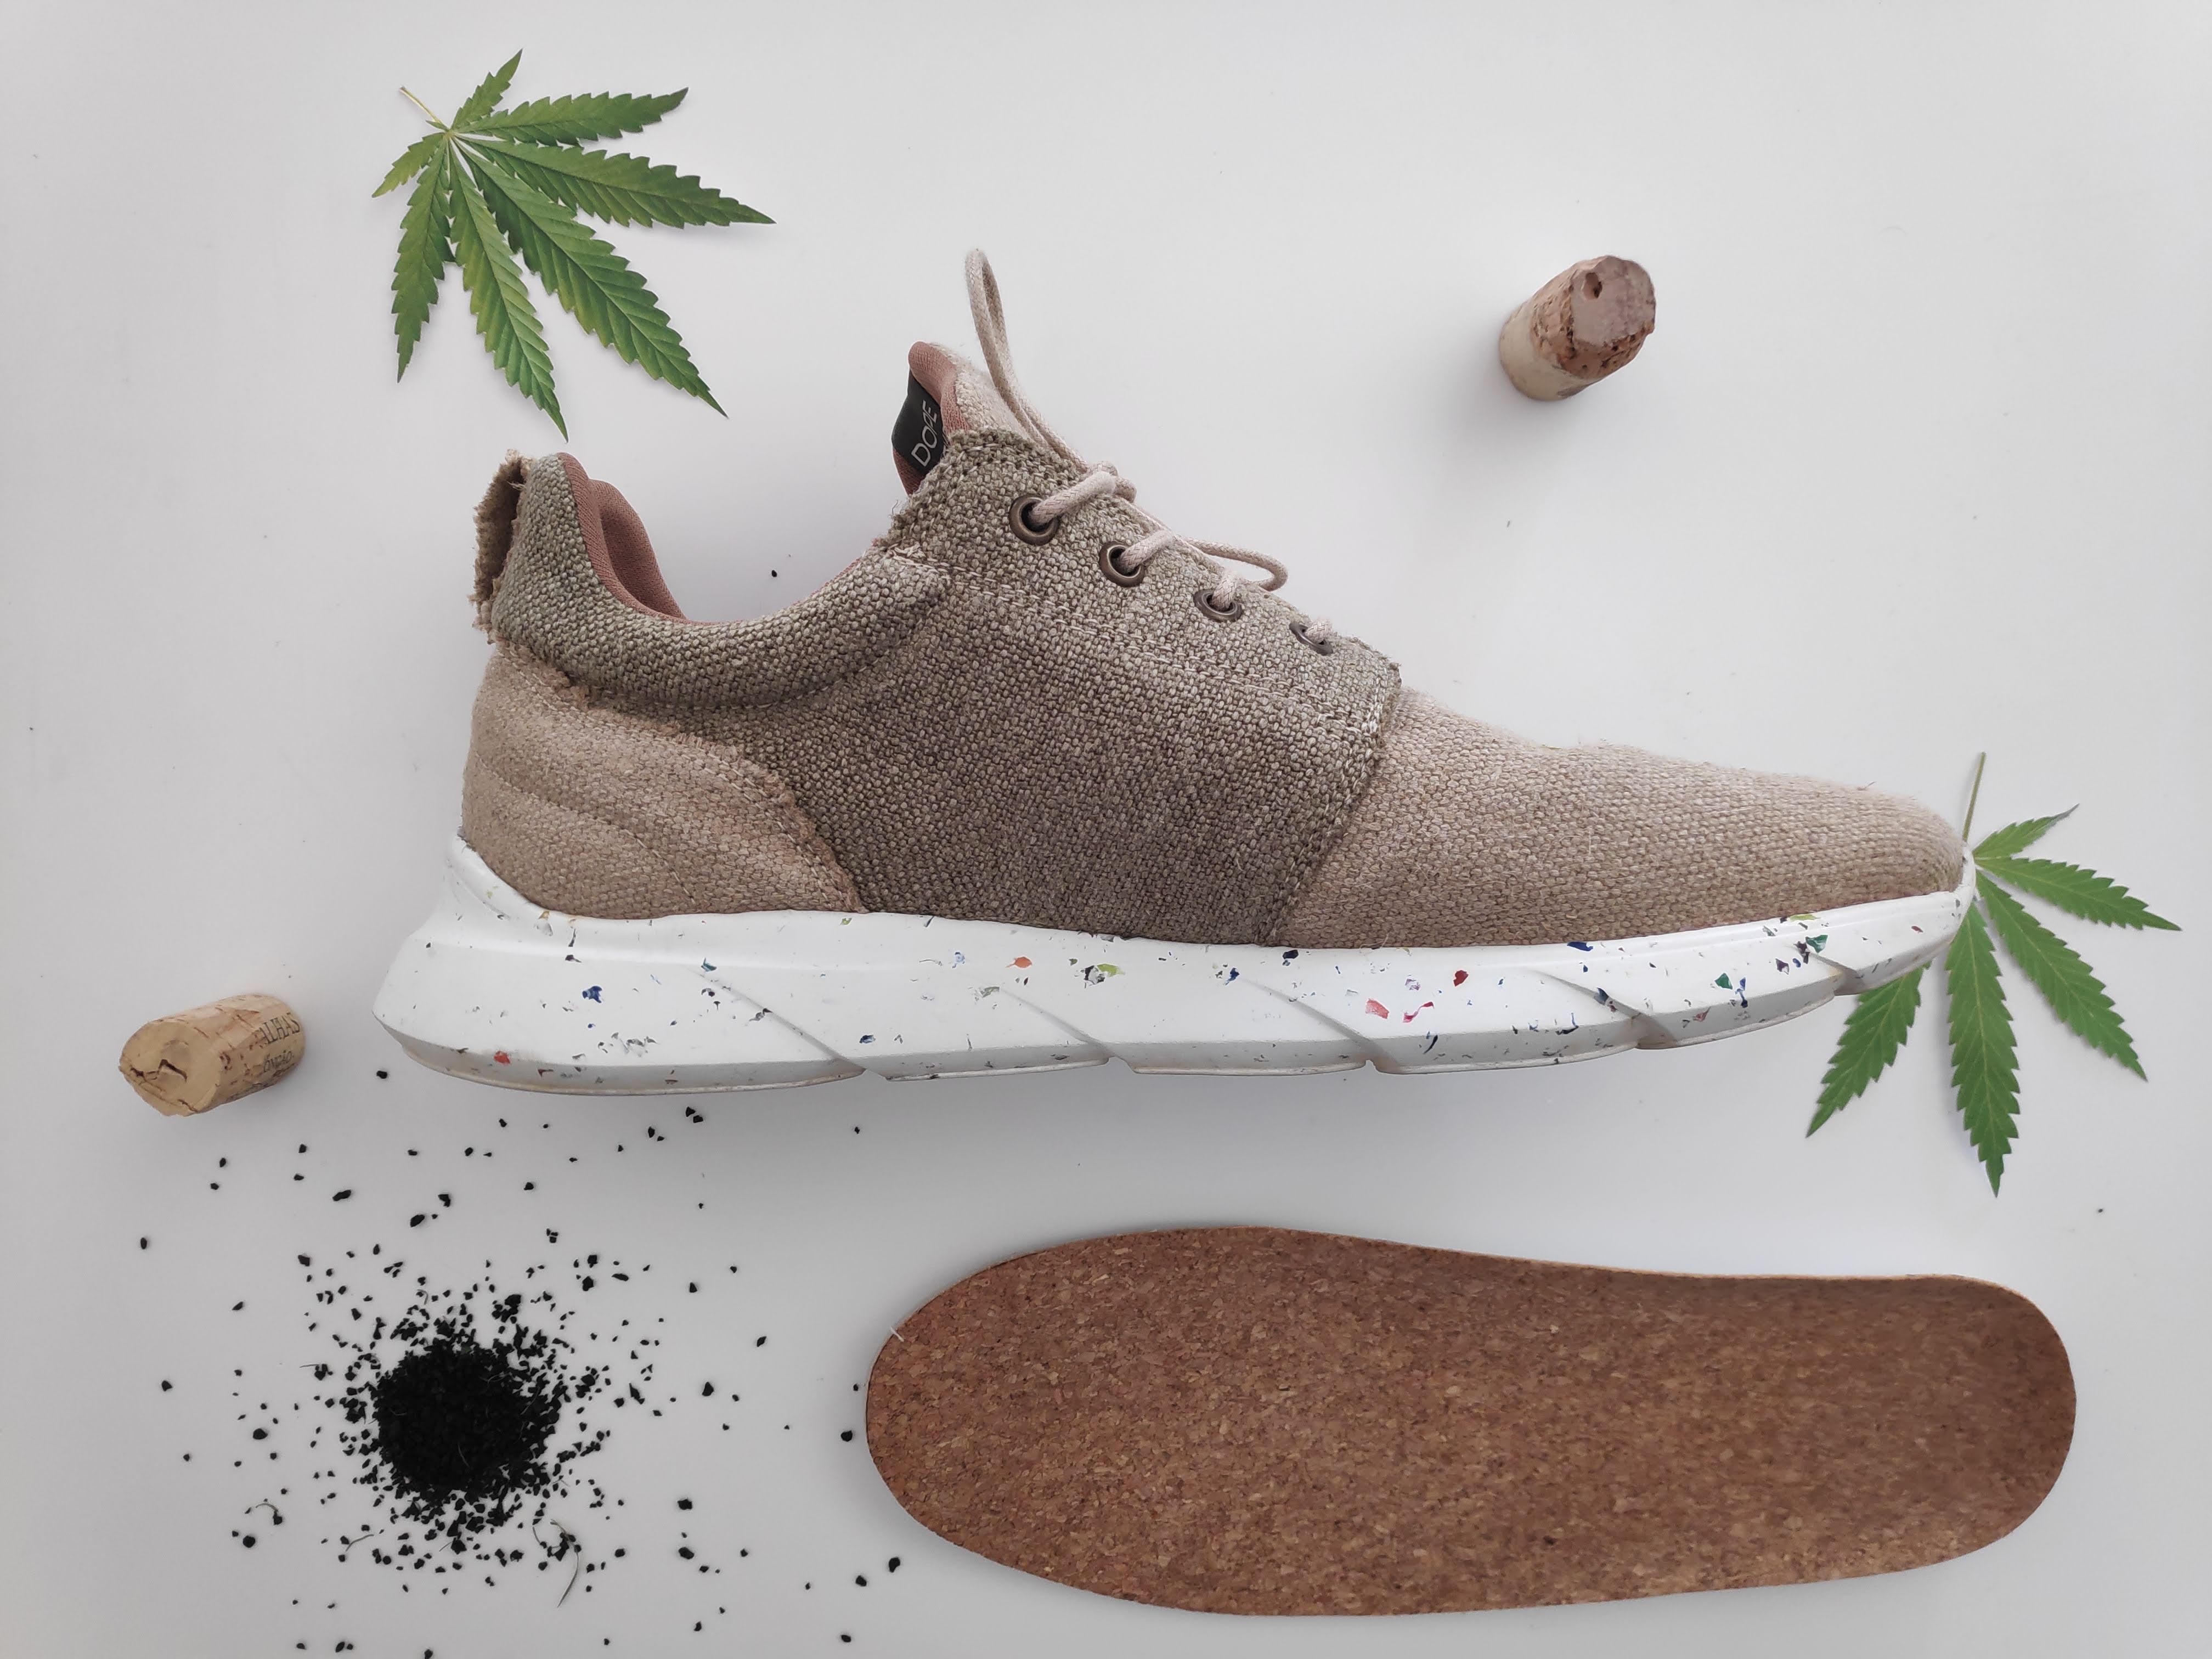 Zapatos de cannabis resistentes al agua, la nueva apuesta de la moda sostenible